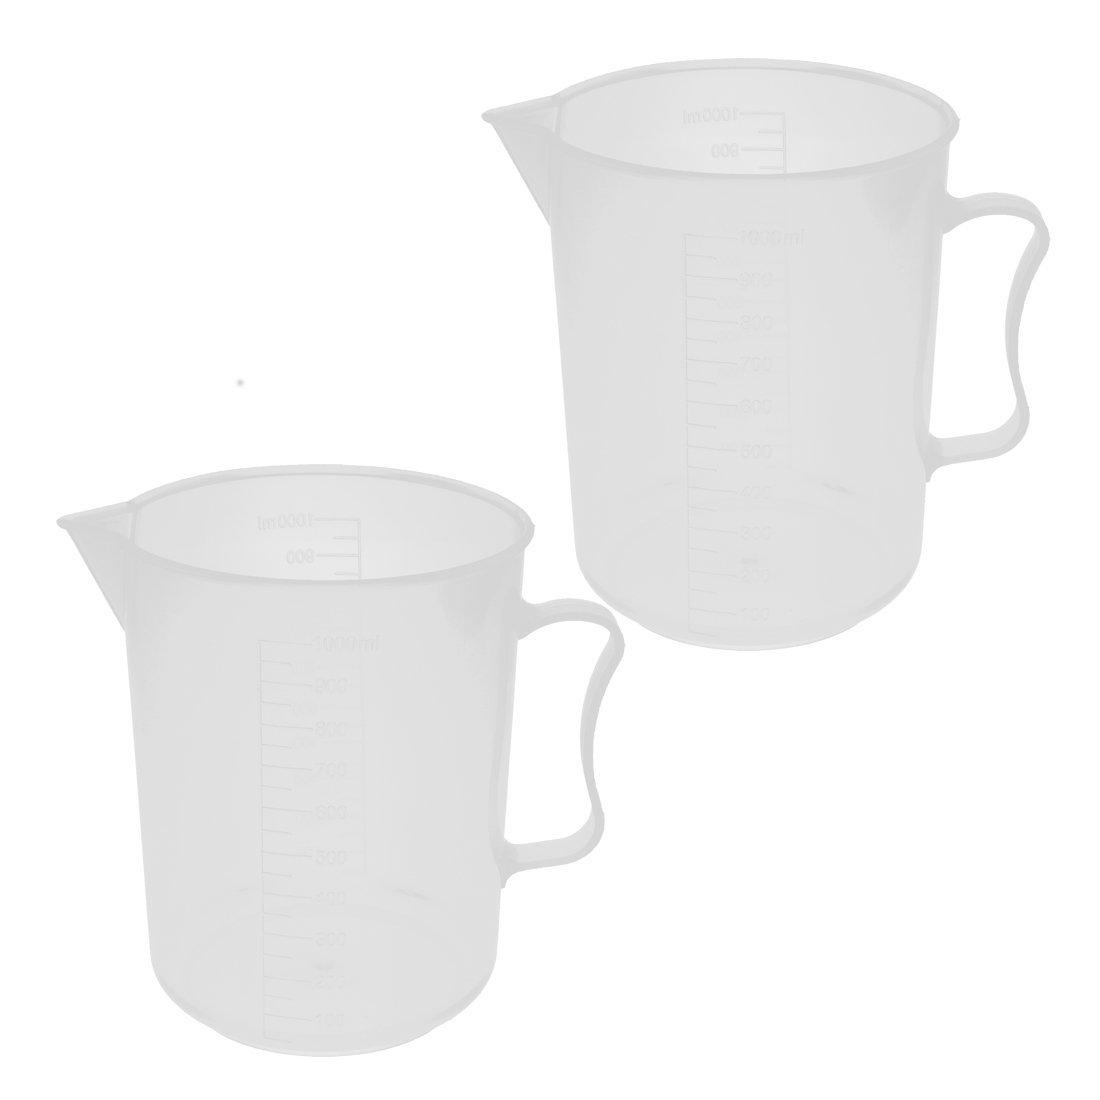 uxcell/® Plastic Kitchen Lab Measuring Cup Jug Pour Spout Container 1000mL 2pcs